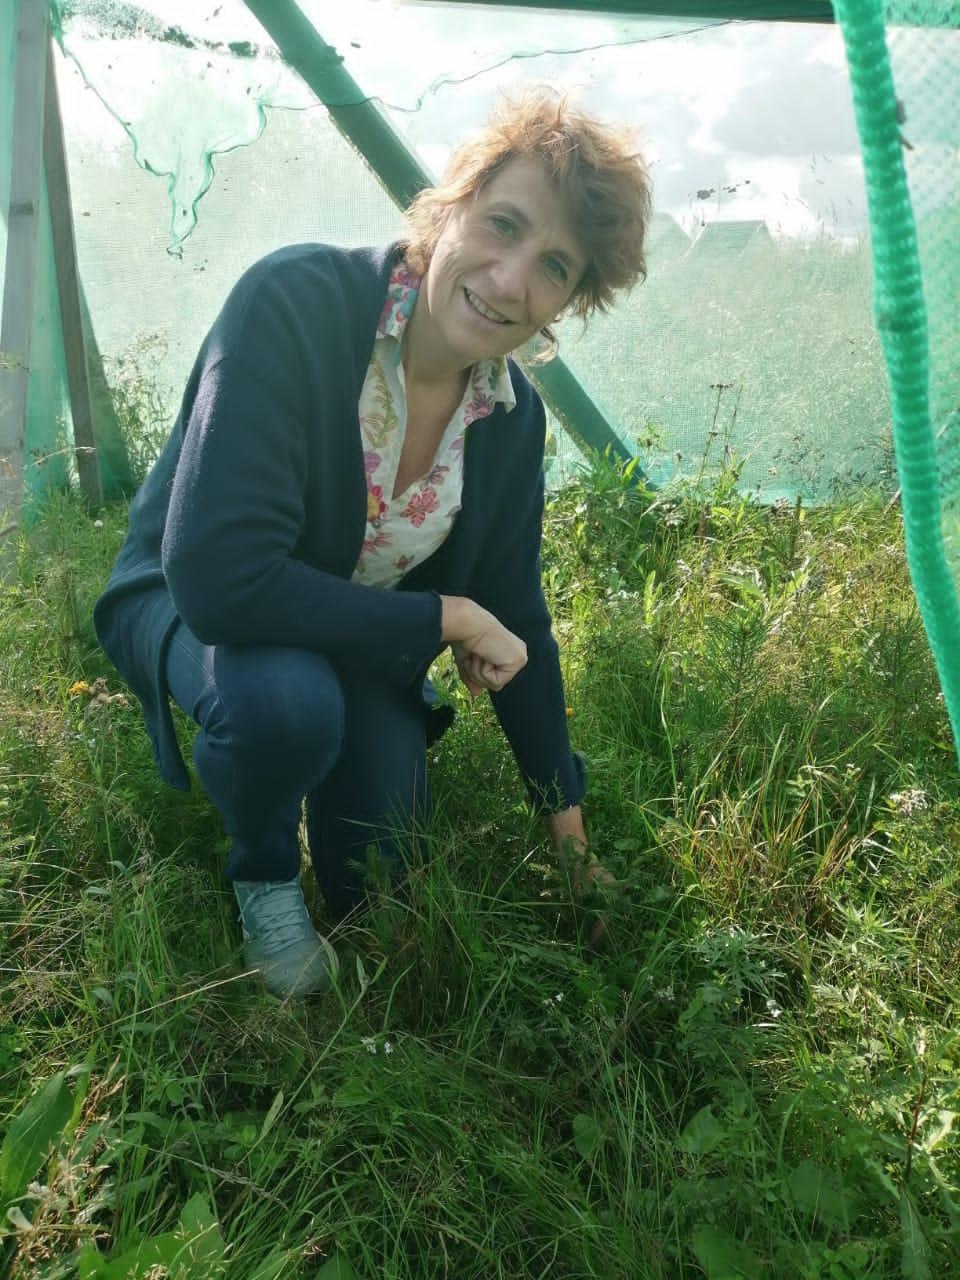 Forêts froides - Savez-vous planter des...arbres ? #3